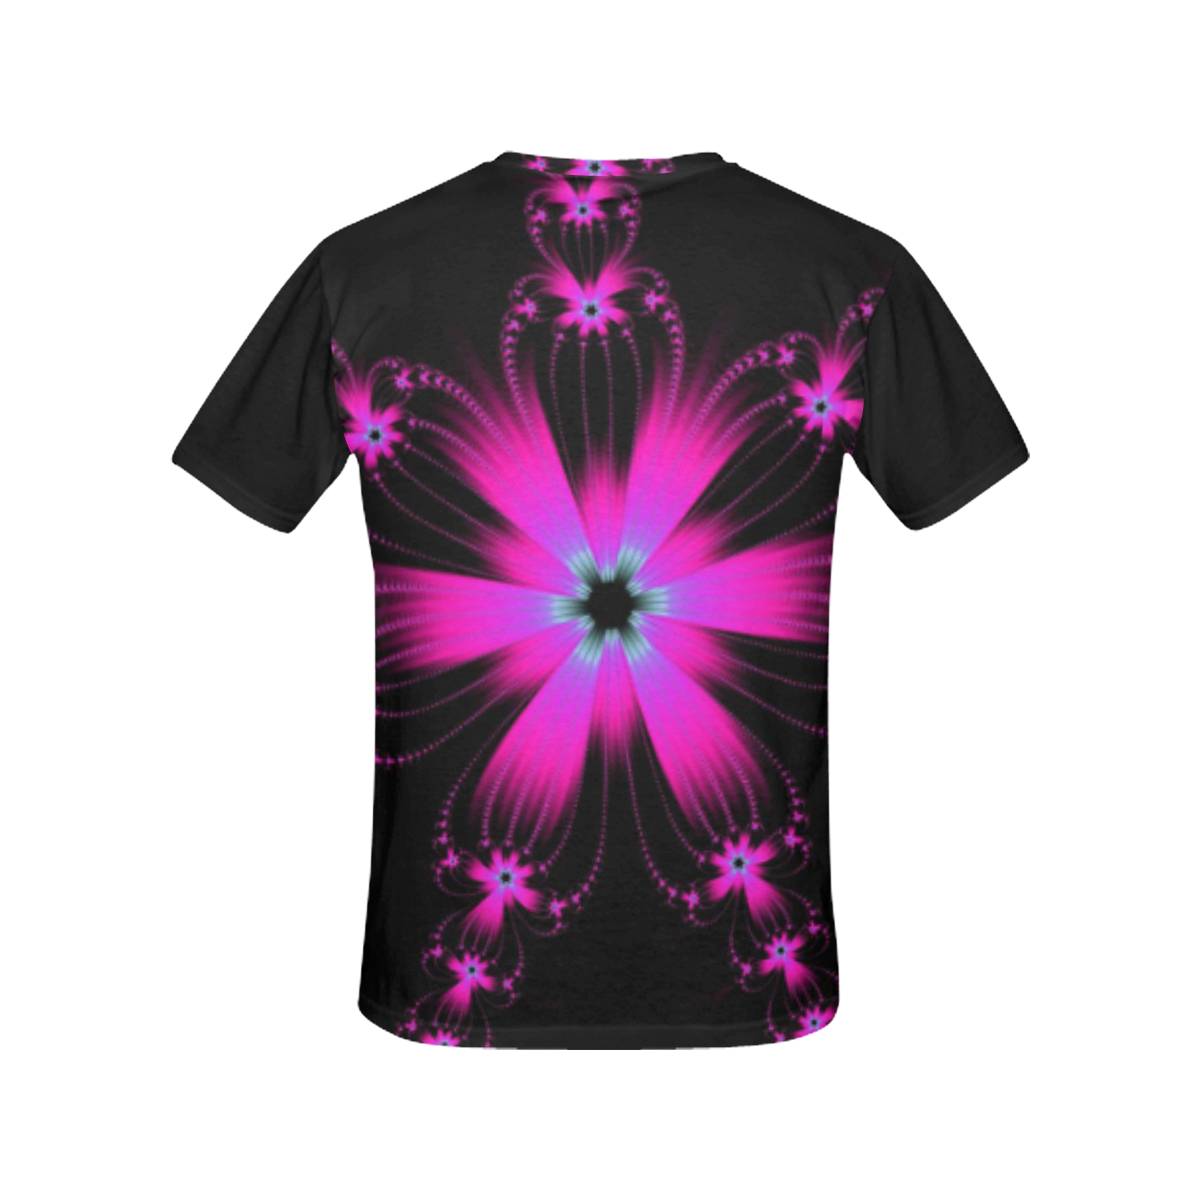 Pink Flower Burst All Over Print T-Shirt for Women (USA Size) (Model T40)